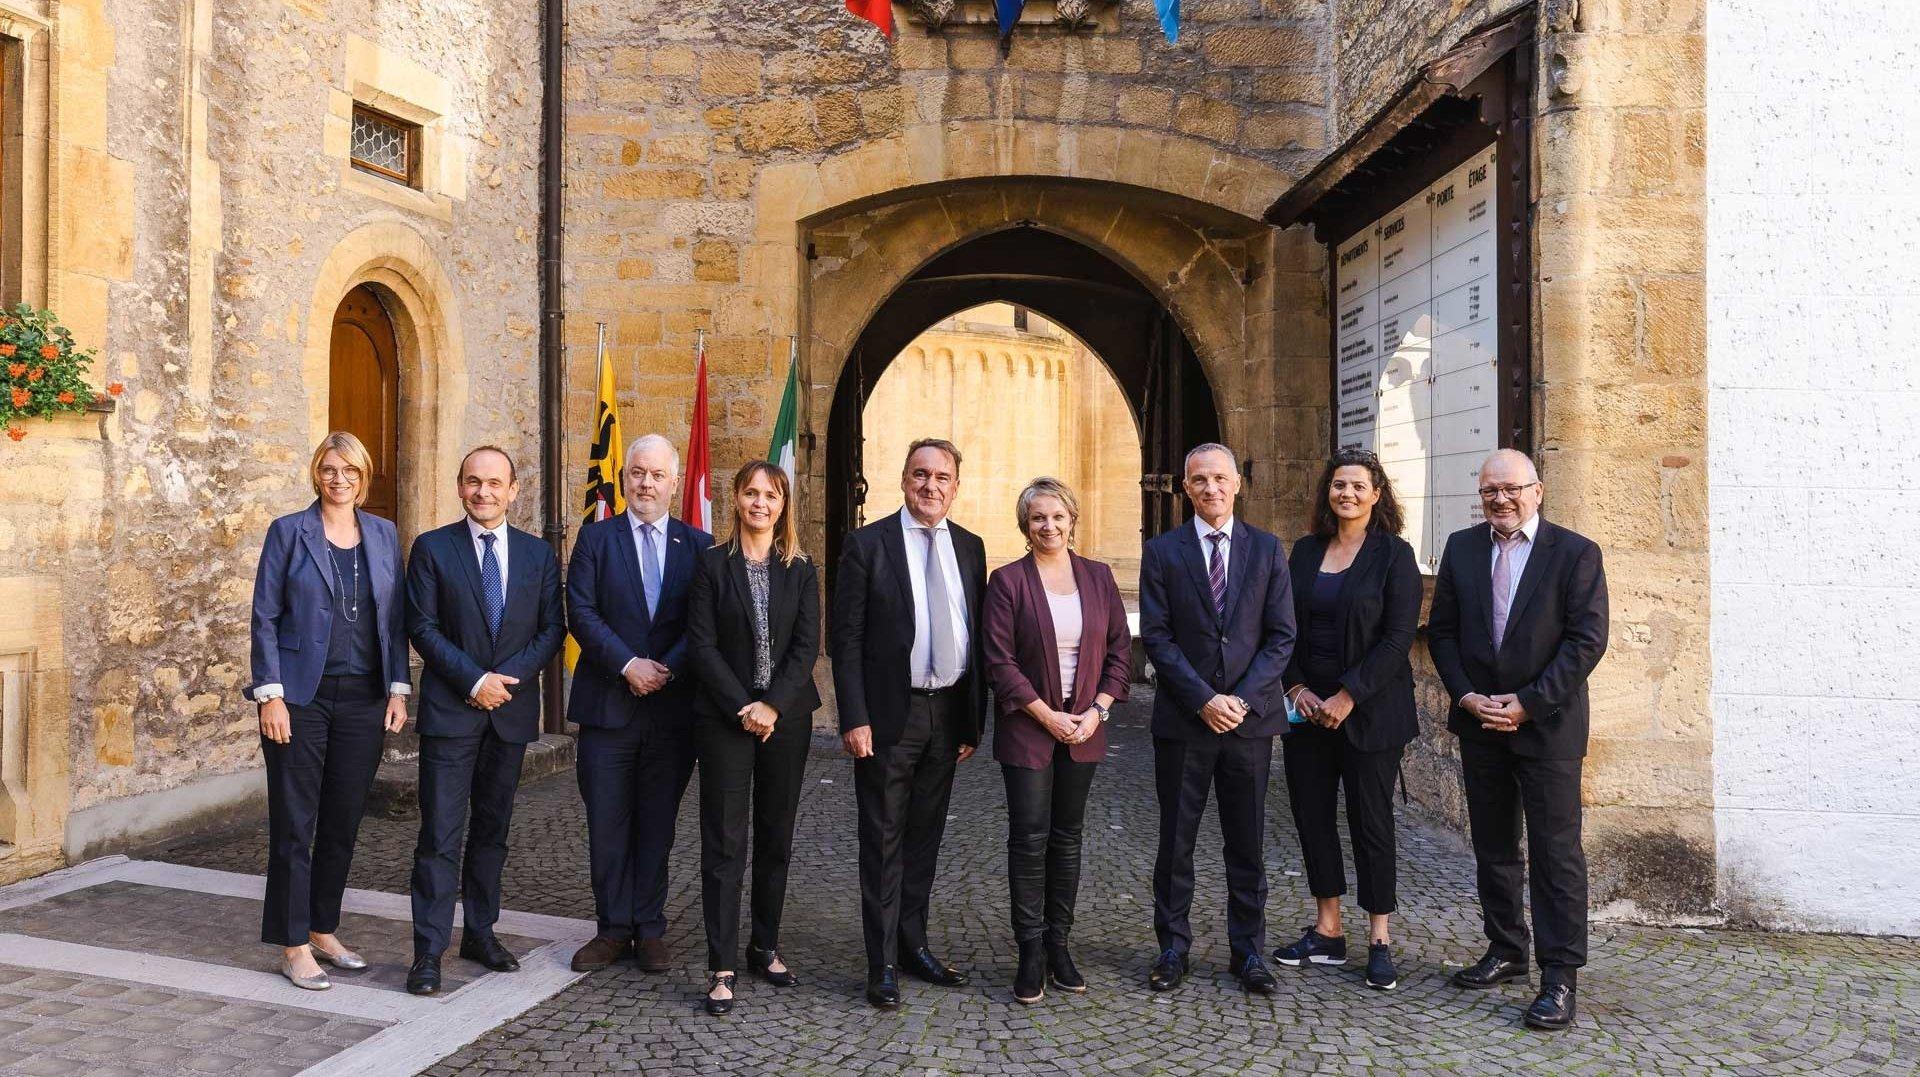 Neuchâtel a reçu les représentants du Benelux